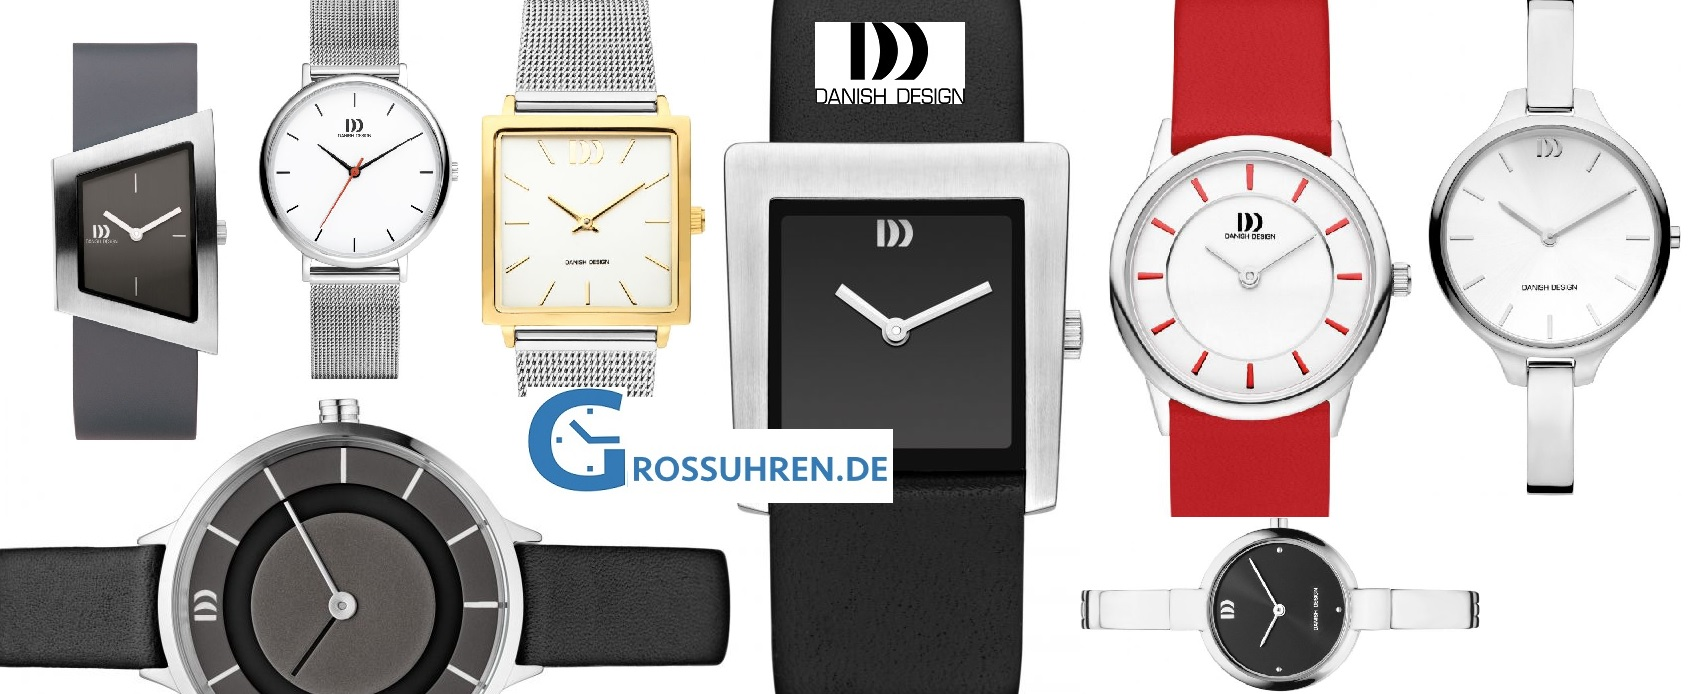 Danish Design Damenuhren schlichte Eleganz am Handgelenk